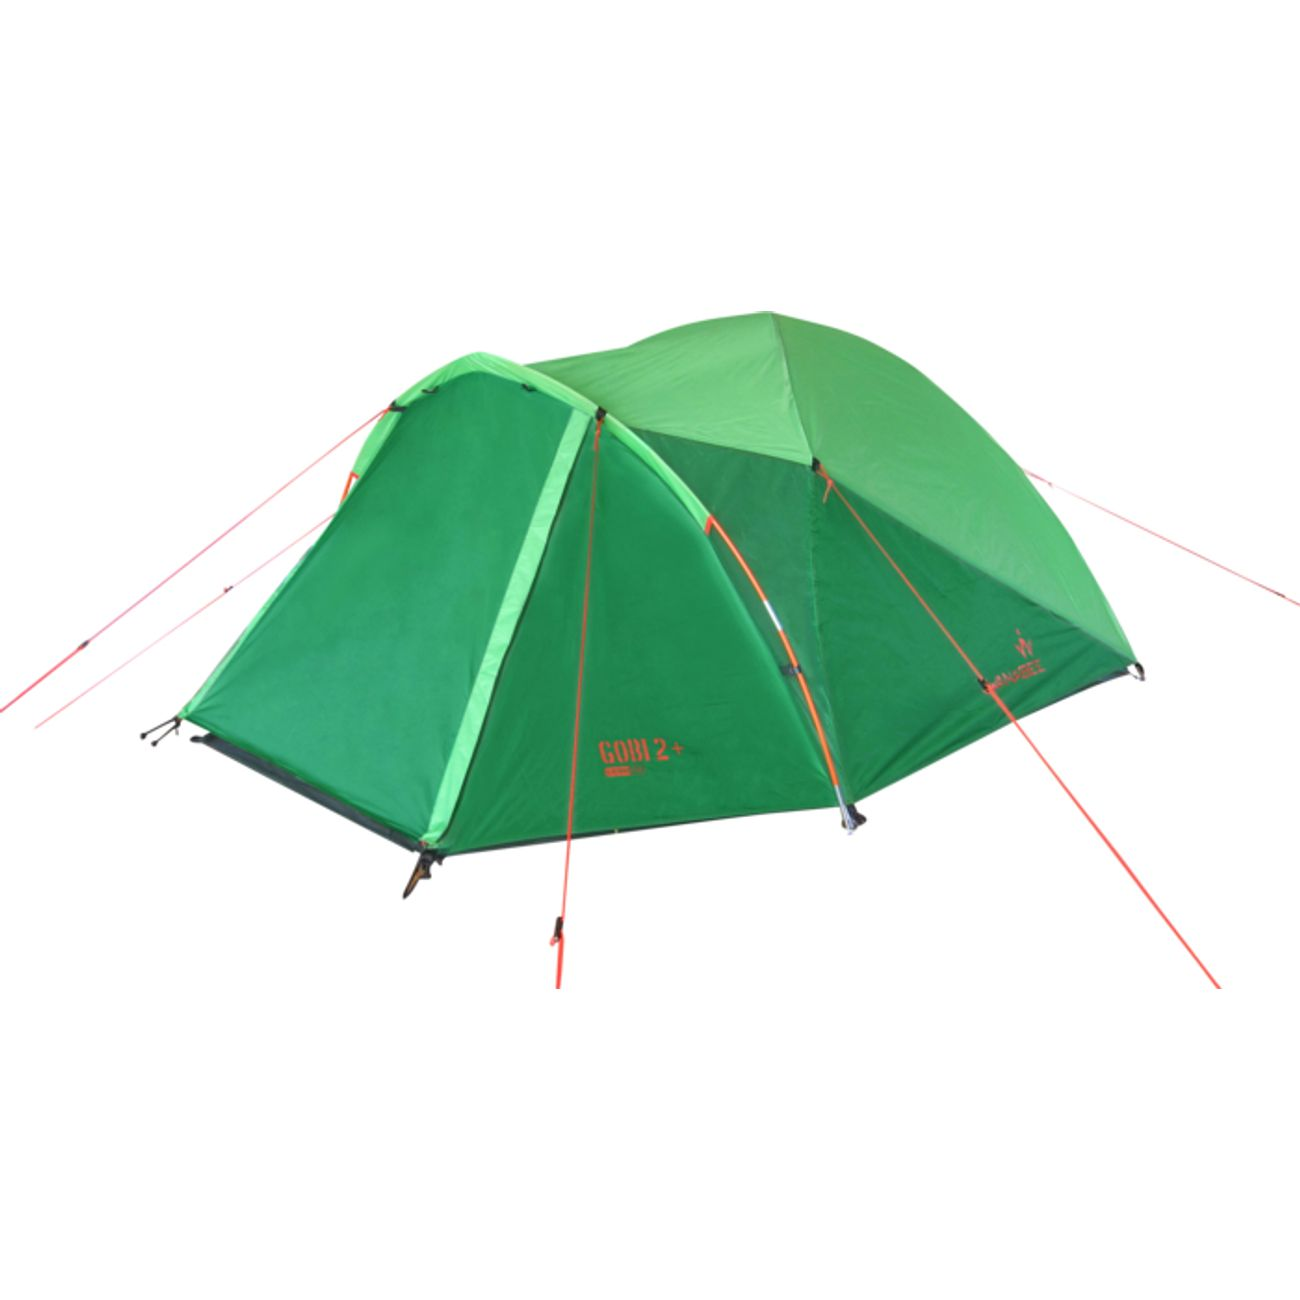 TENTE Camping  WANABEE GOBI 2+